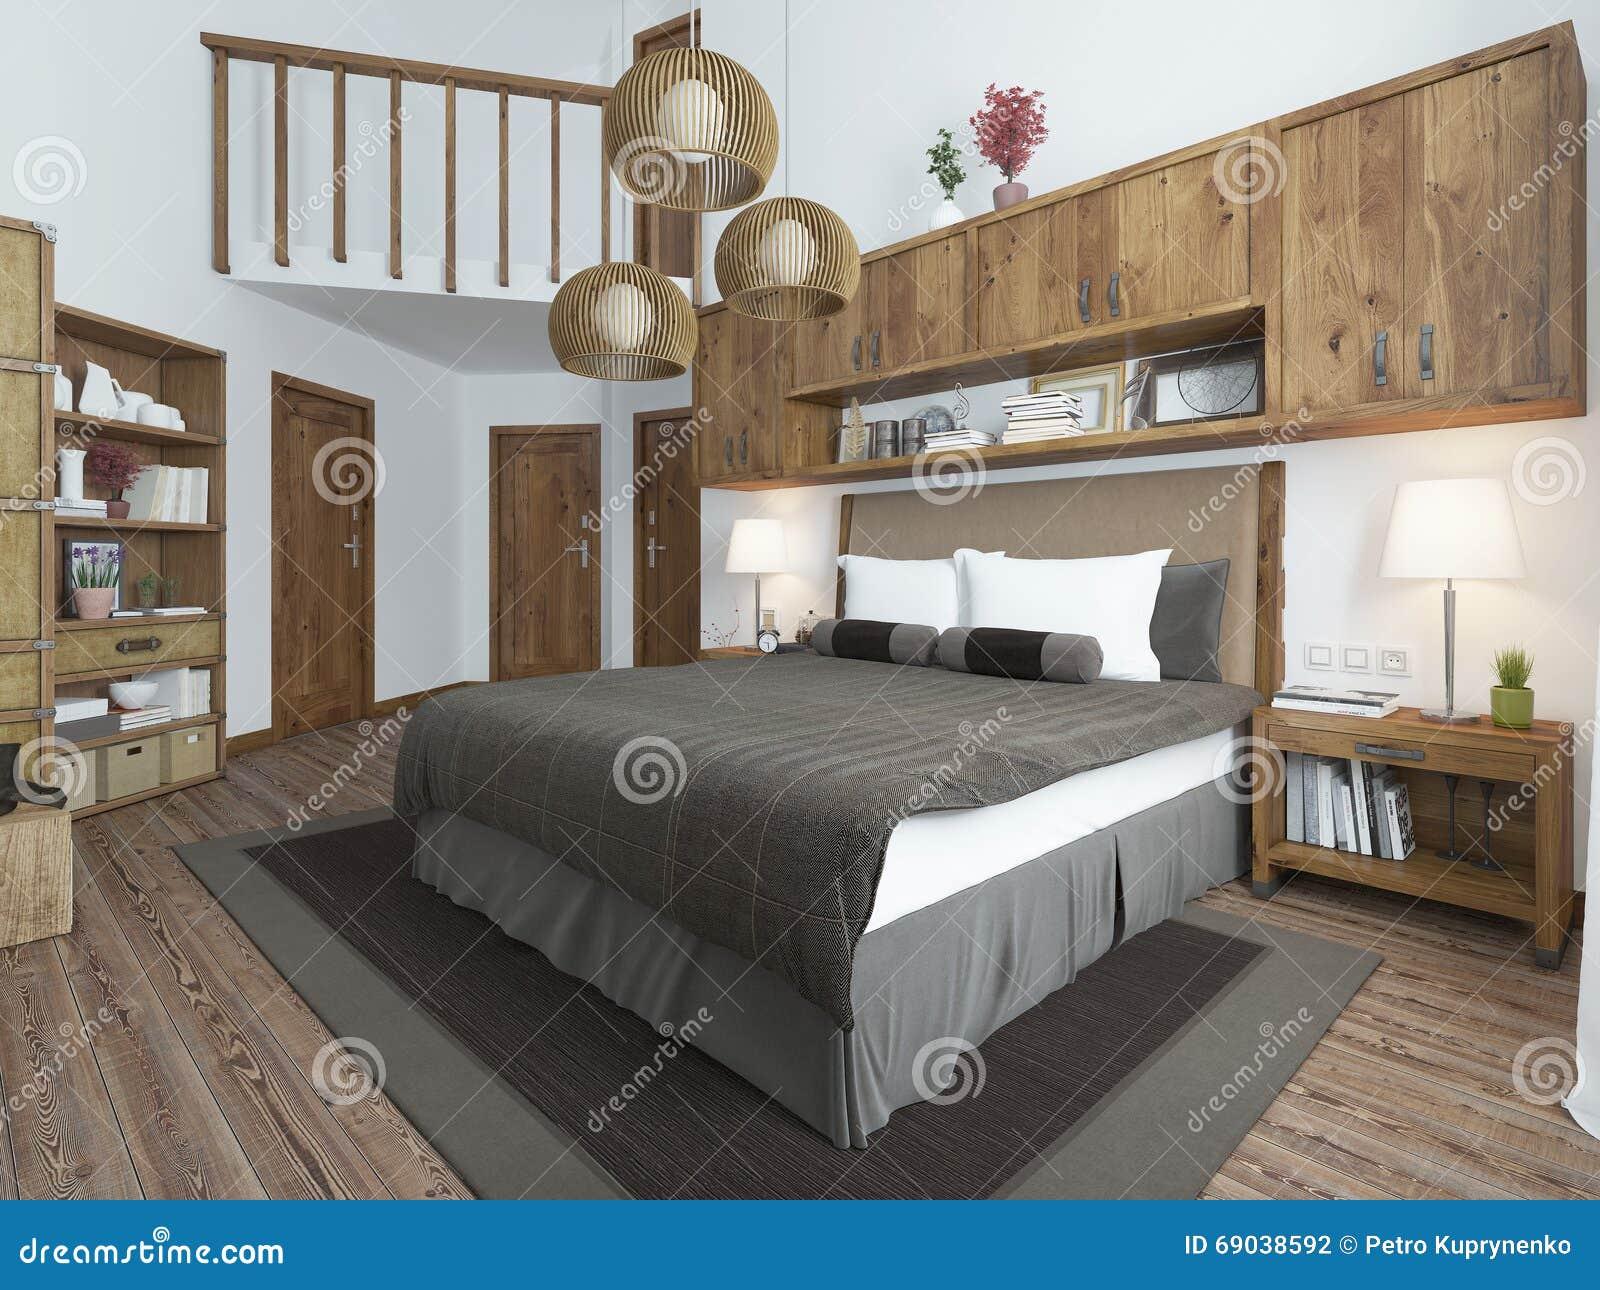 Slaapkamer zolder stijl met houten meubilair en witte muren stock ...